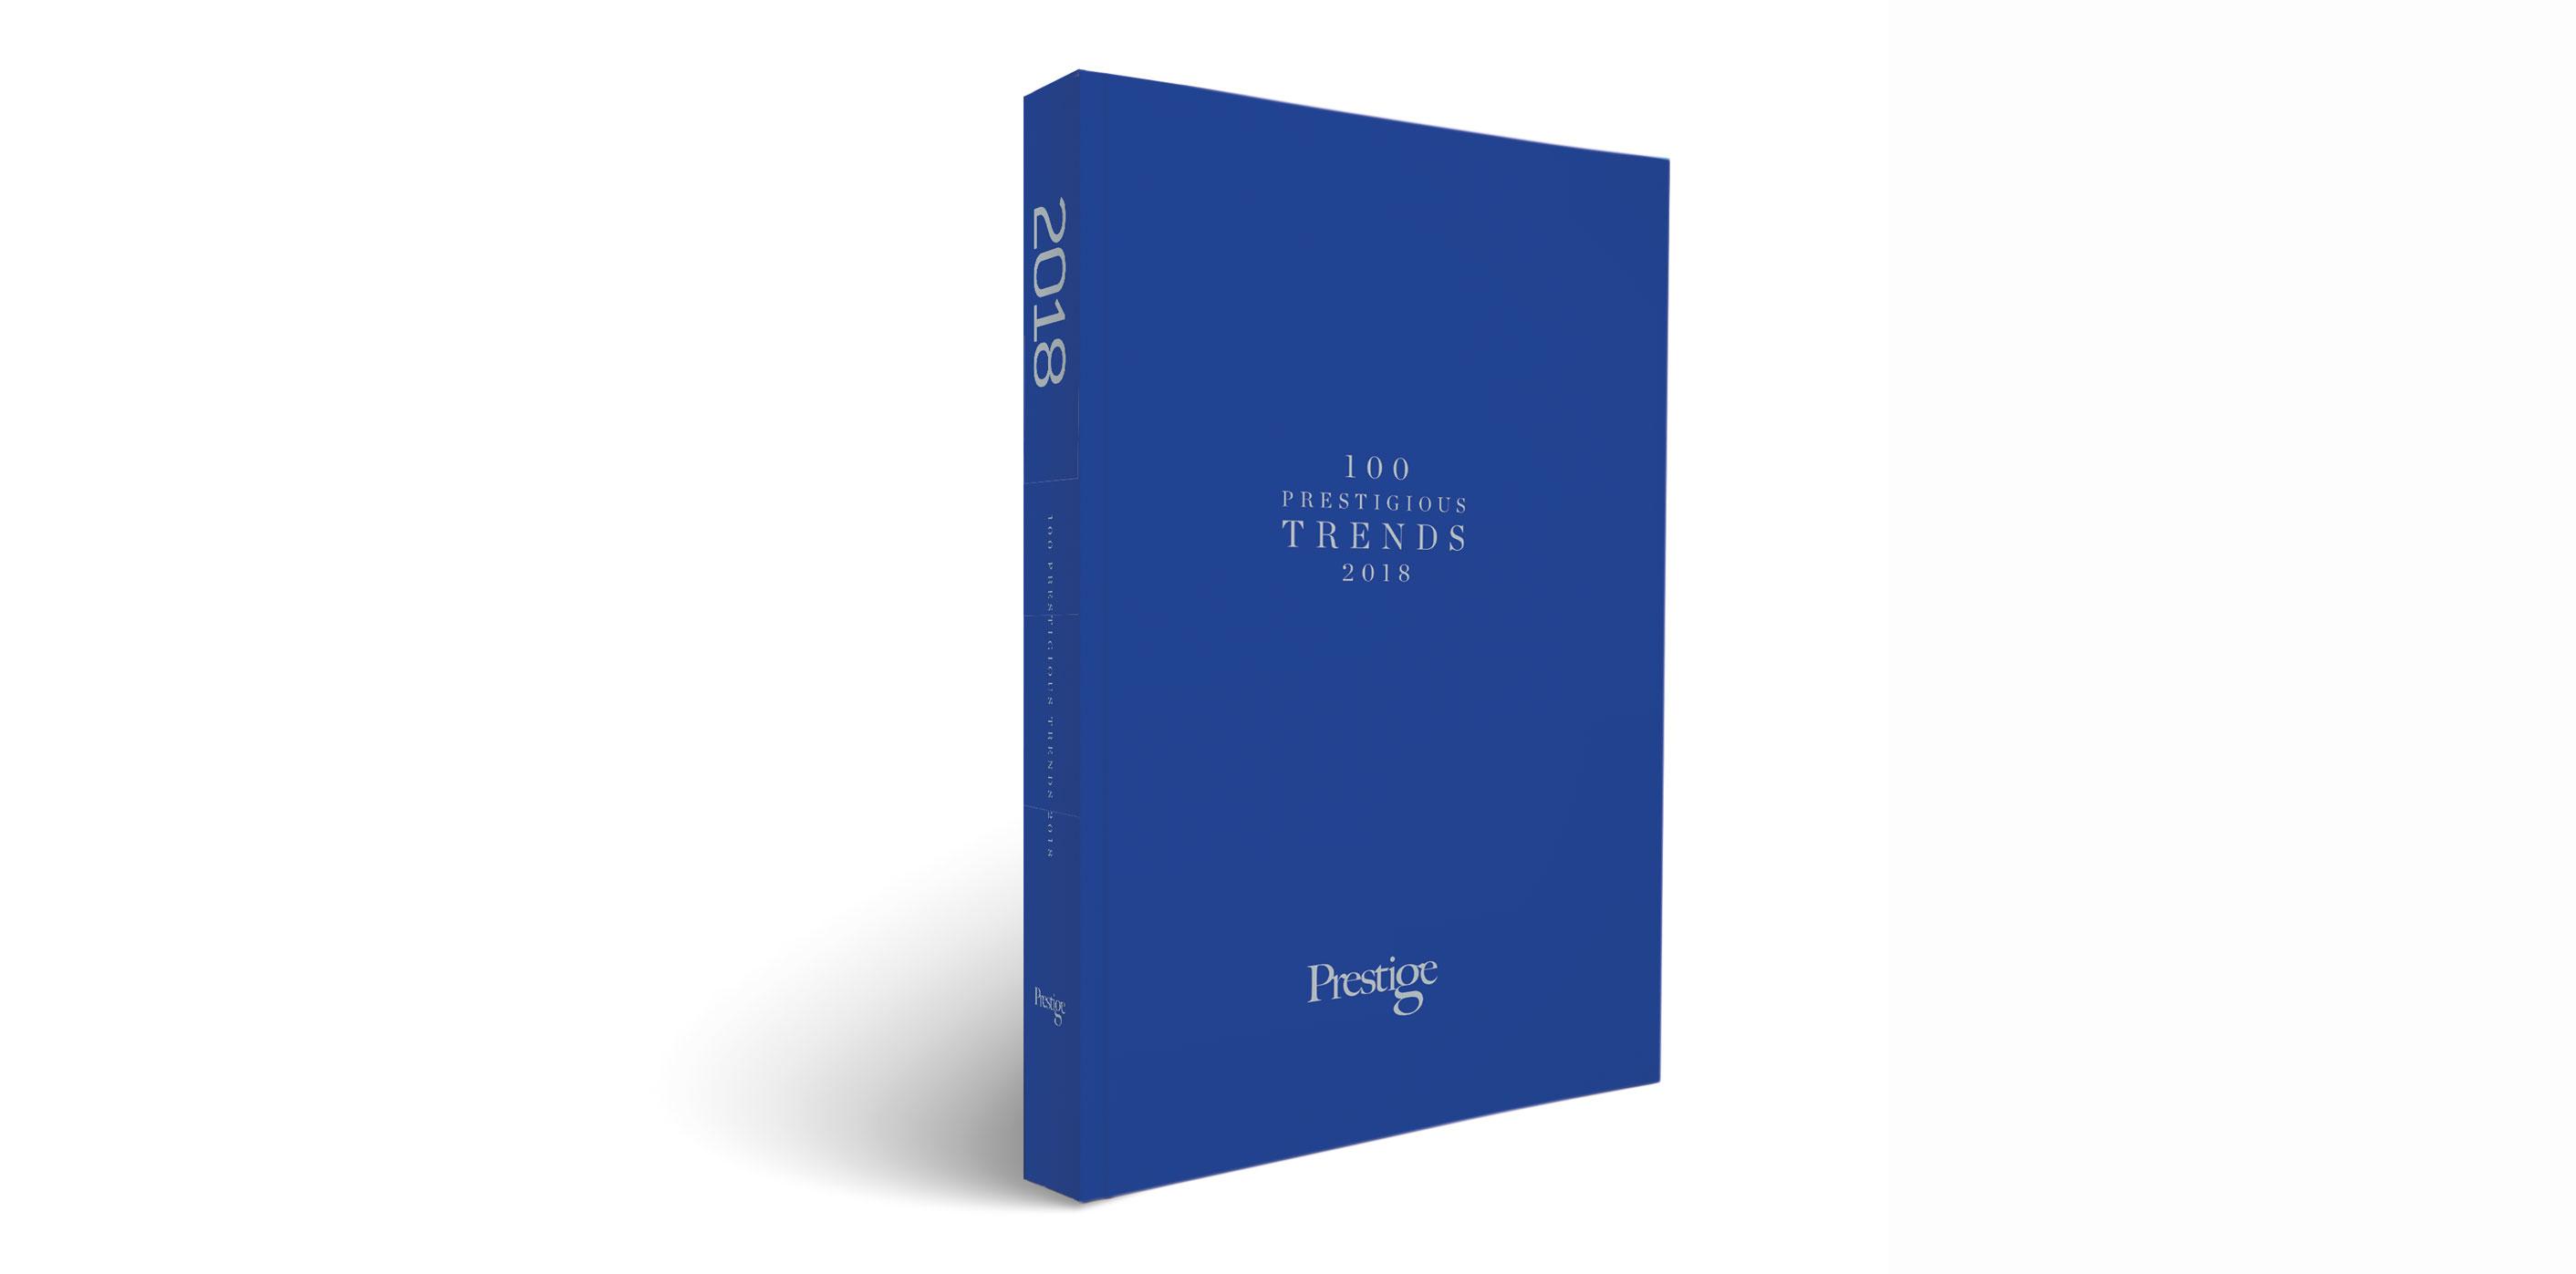 Prestige boek